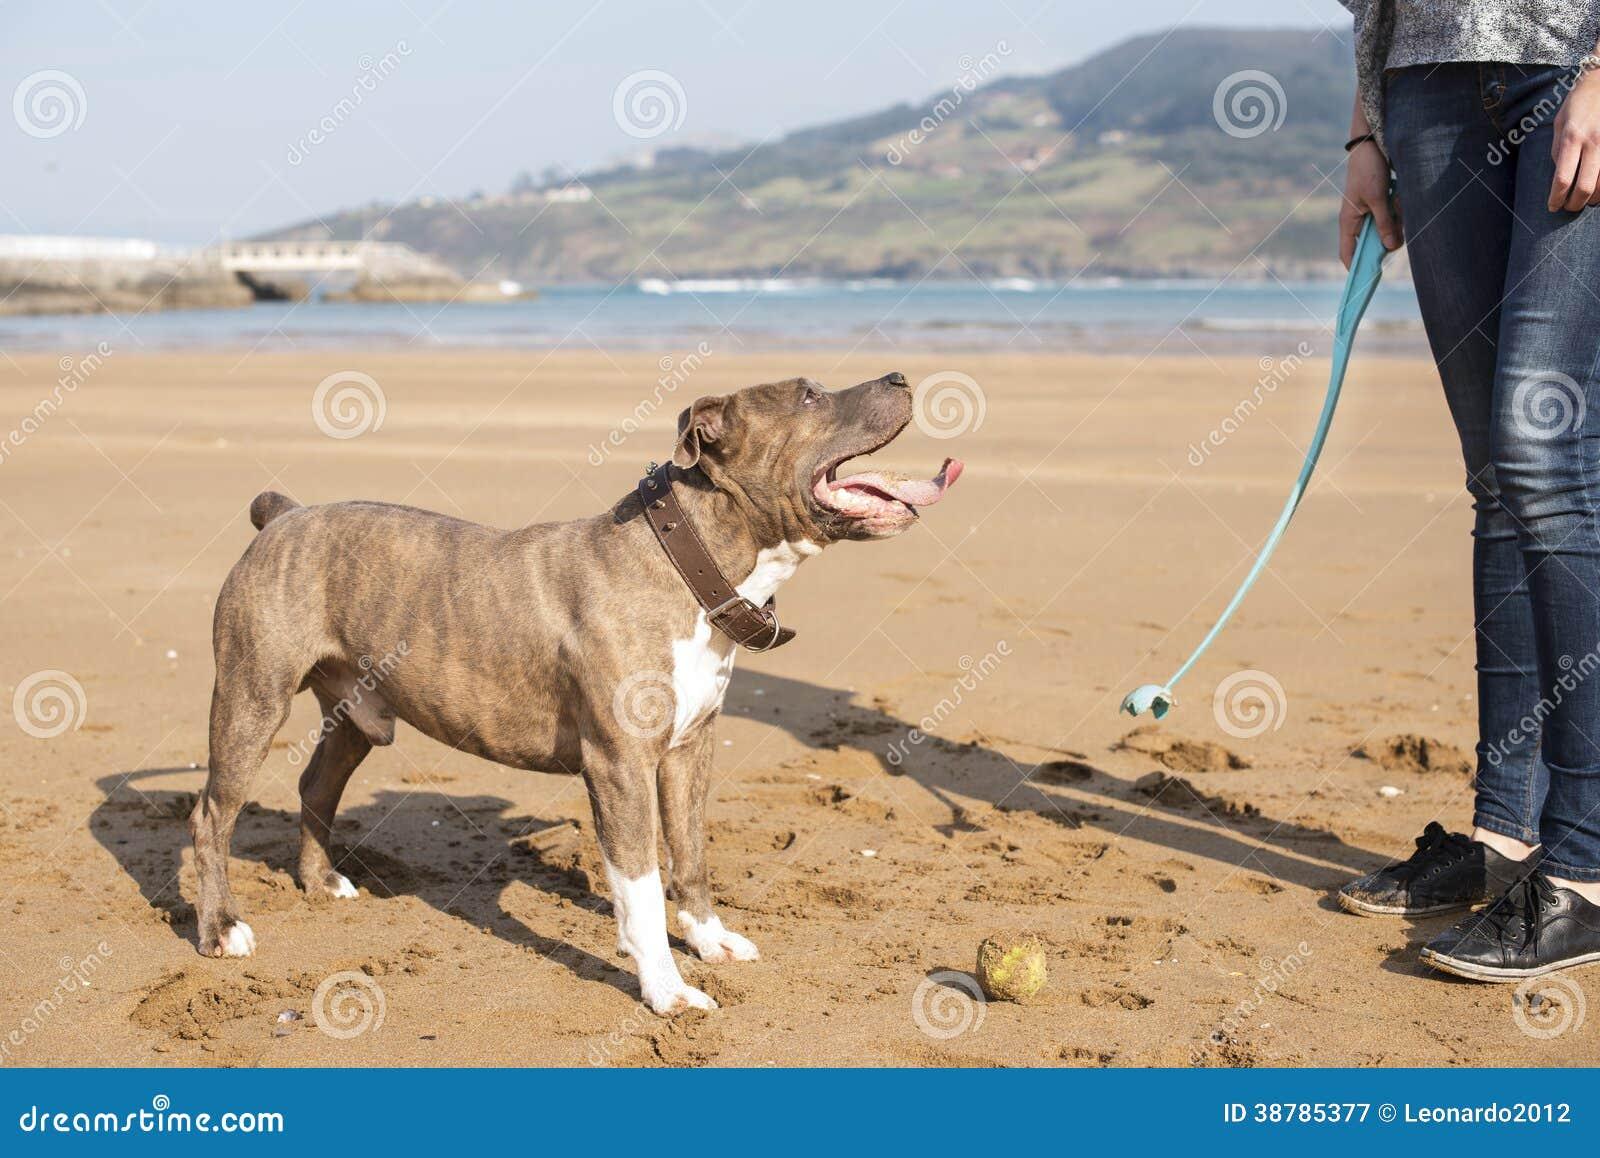 Verfolgen Sie das Spielen und die Ausbildung mit Ball im Strand.